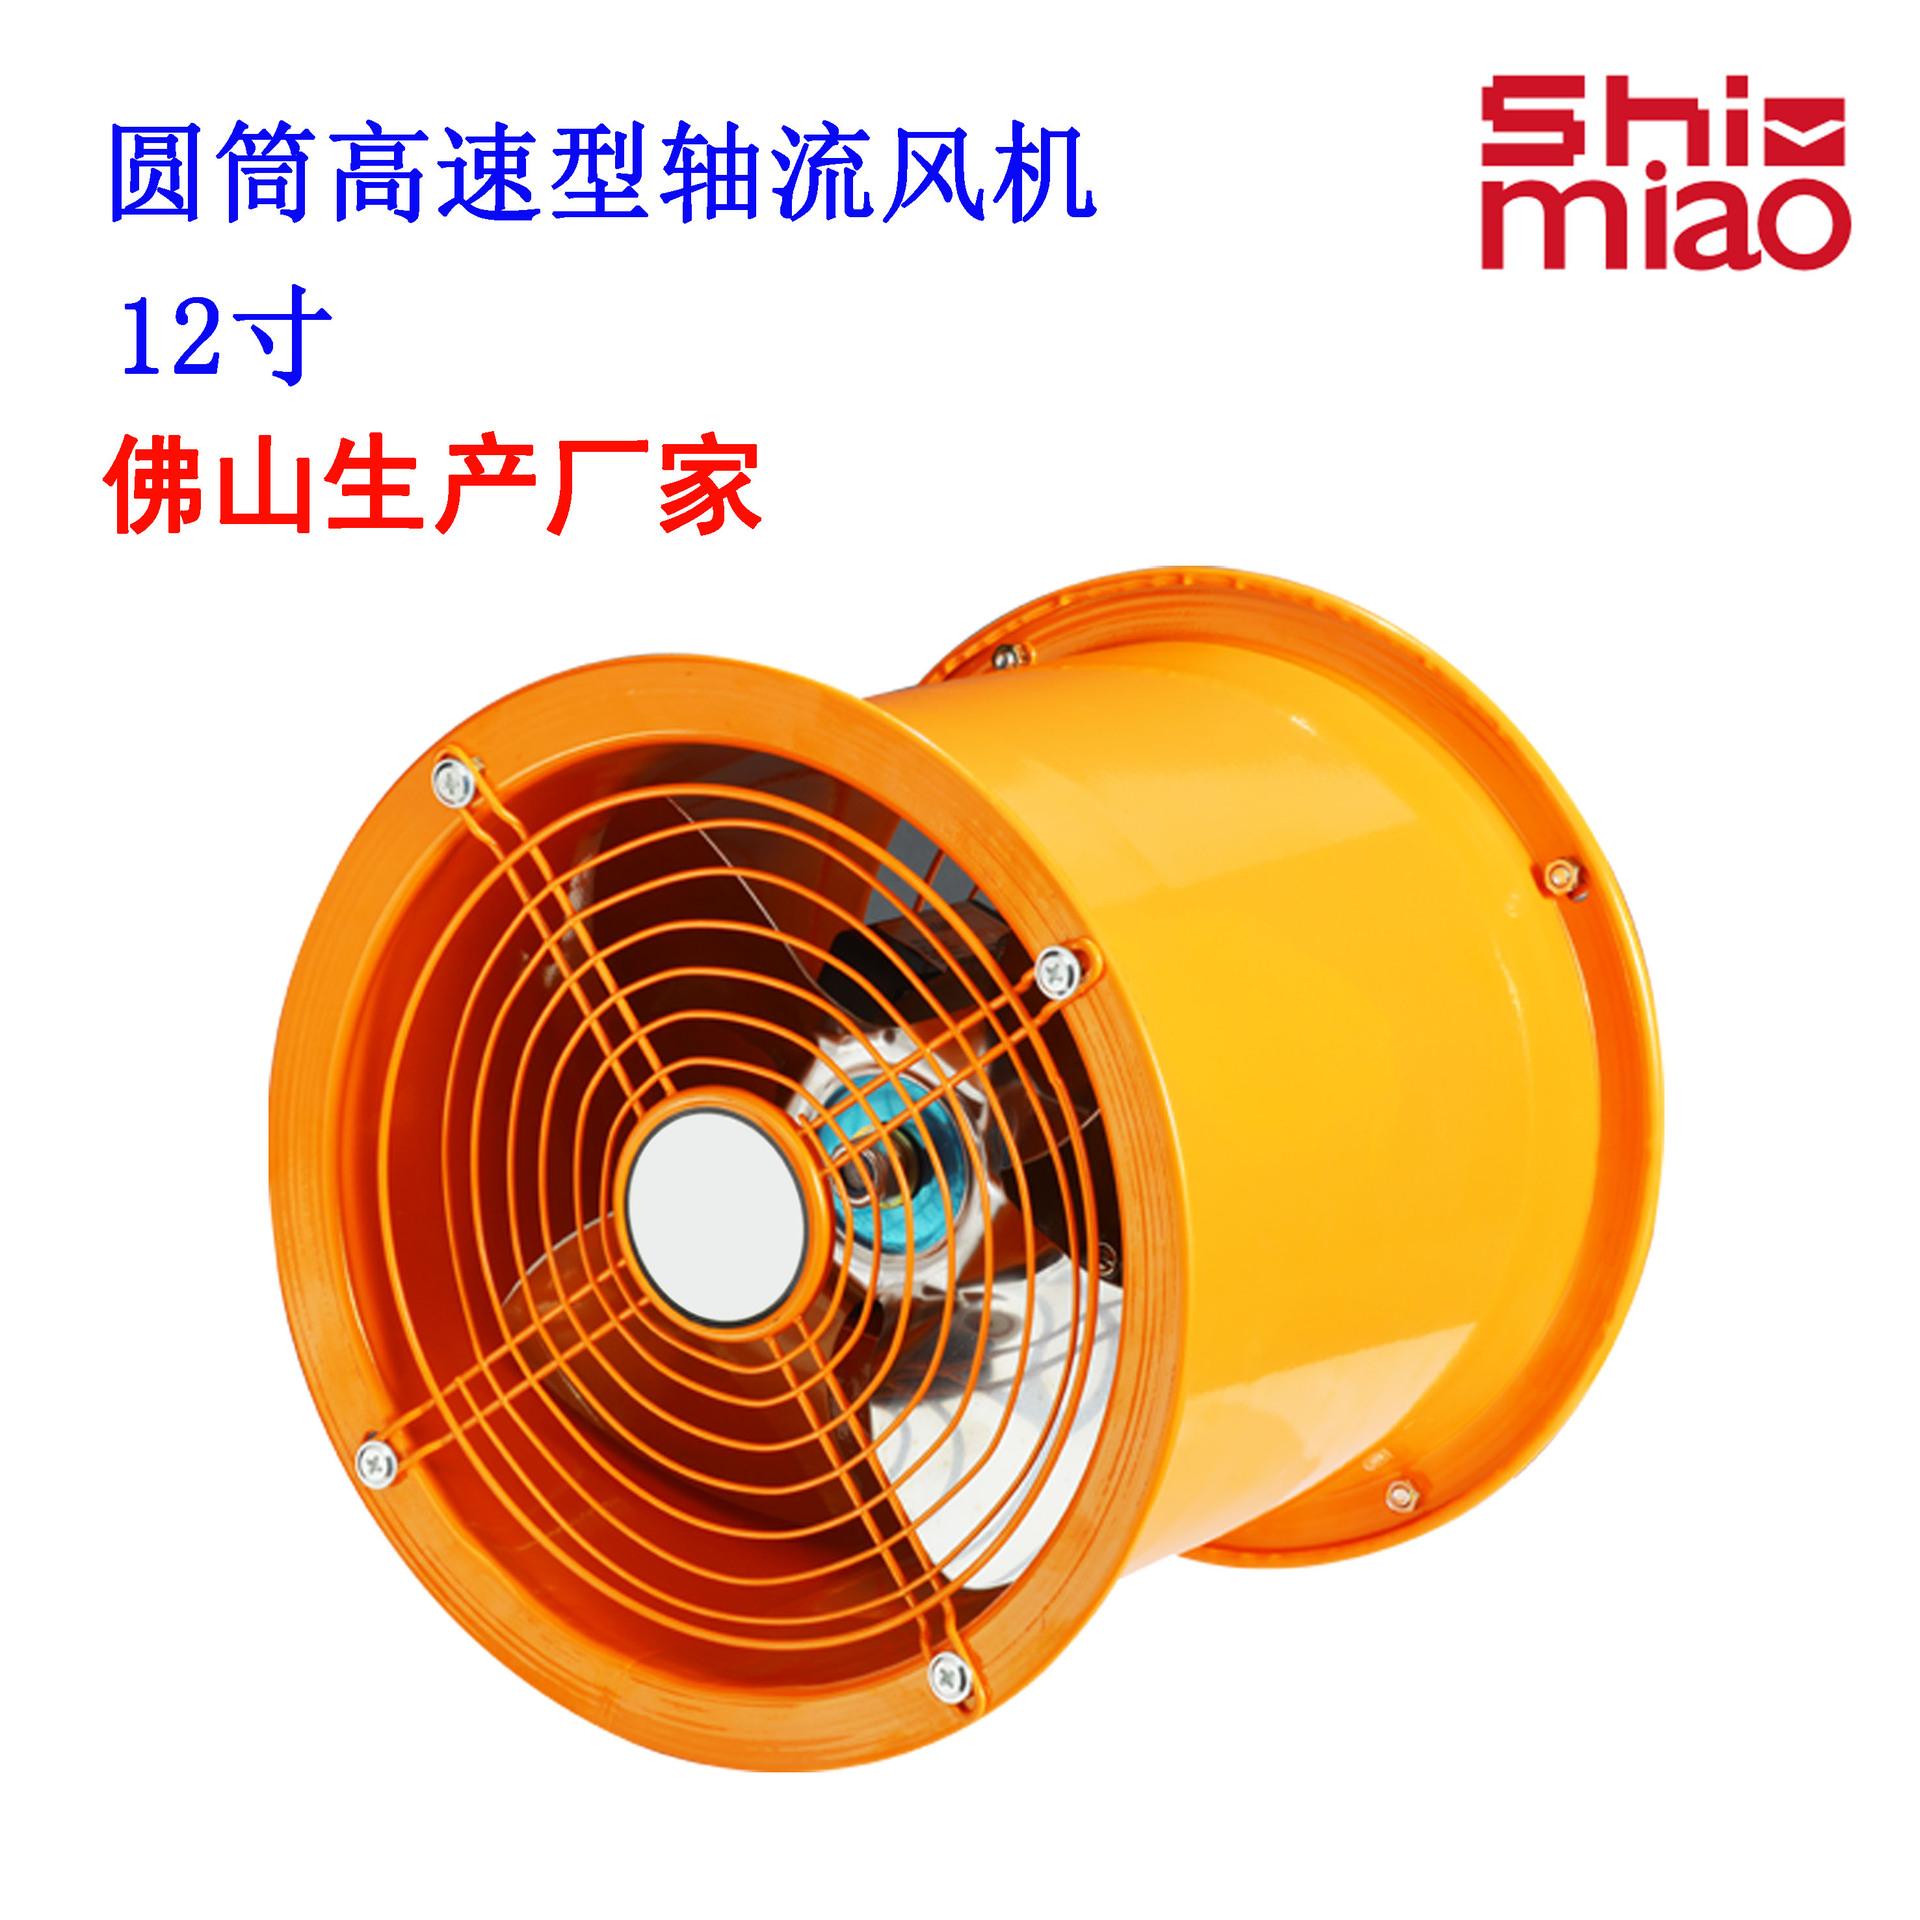 Shimiao Quạt thông gió Quạt công nghiệp xy lanh tốc độ cao trục quạt 12 inch loại tiếng ồn thấp